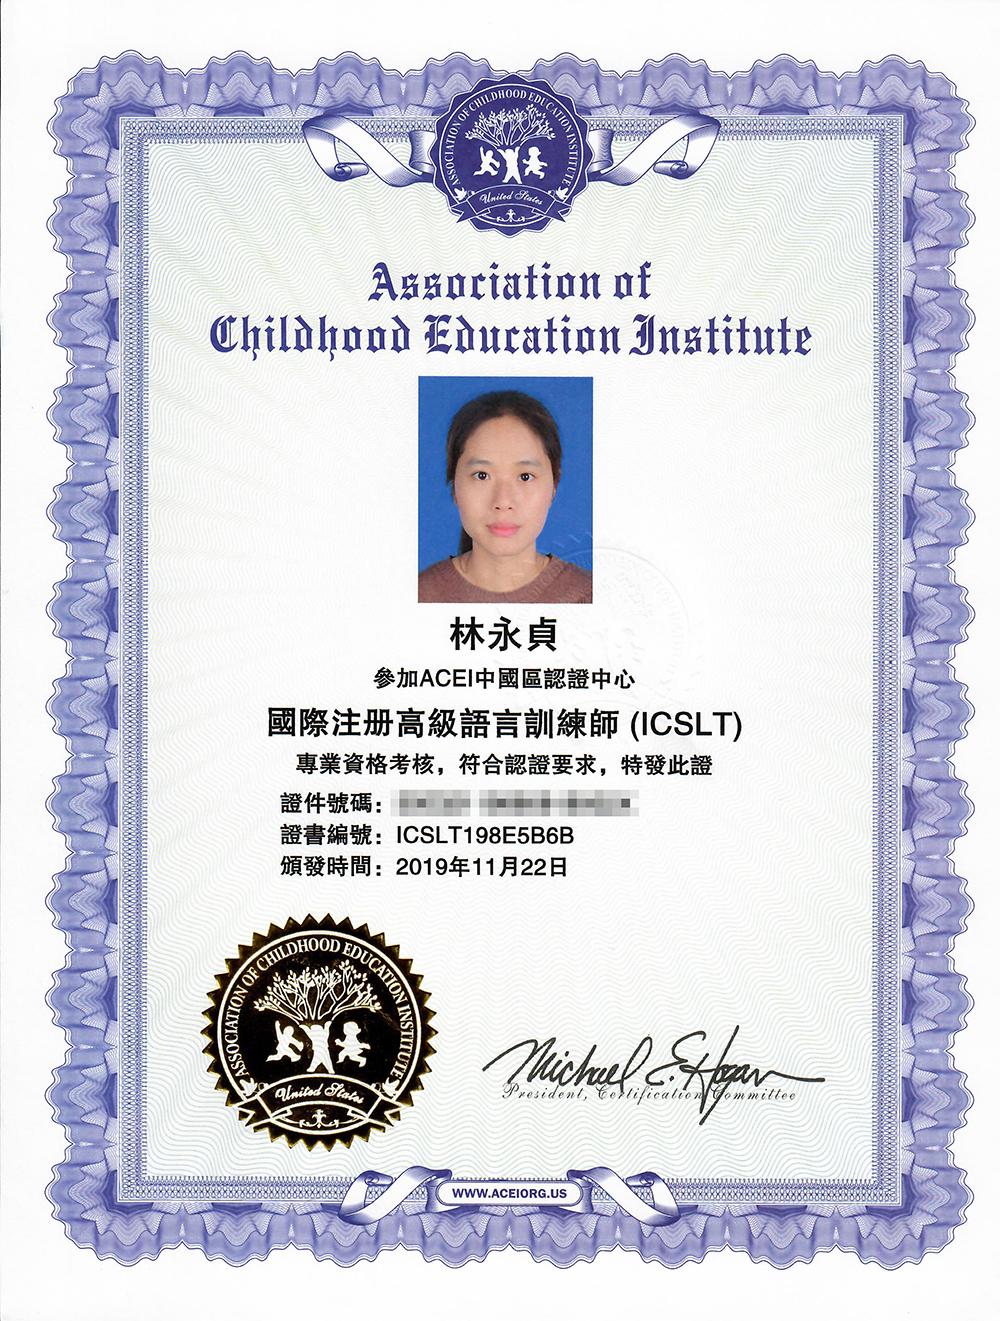 林永贞高级语言训练师